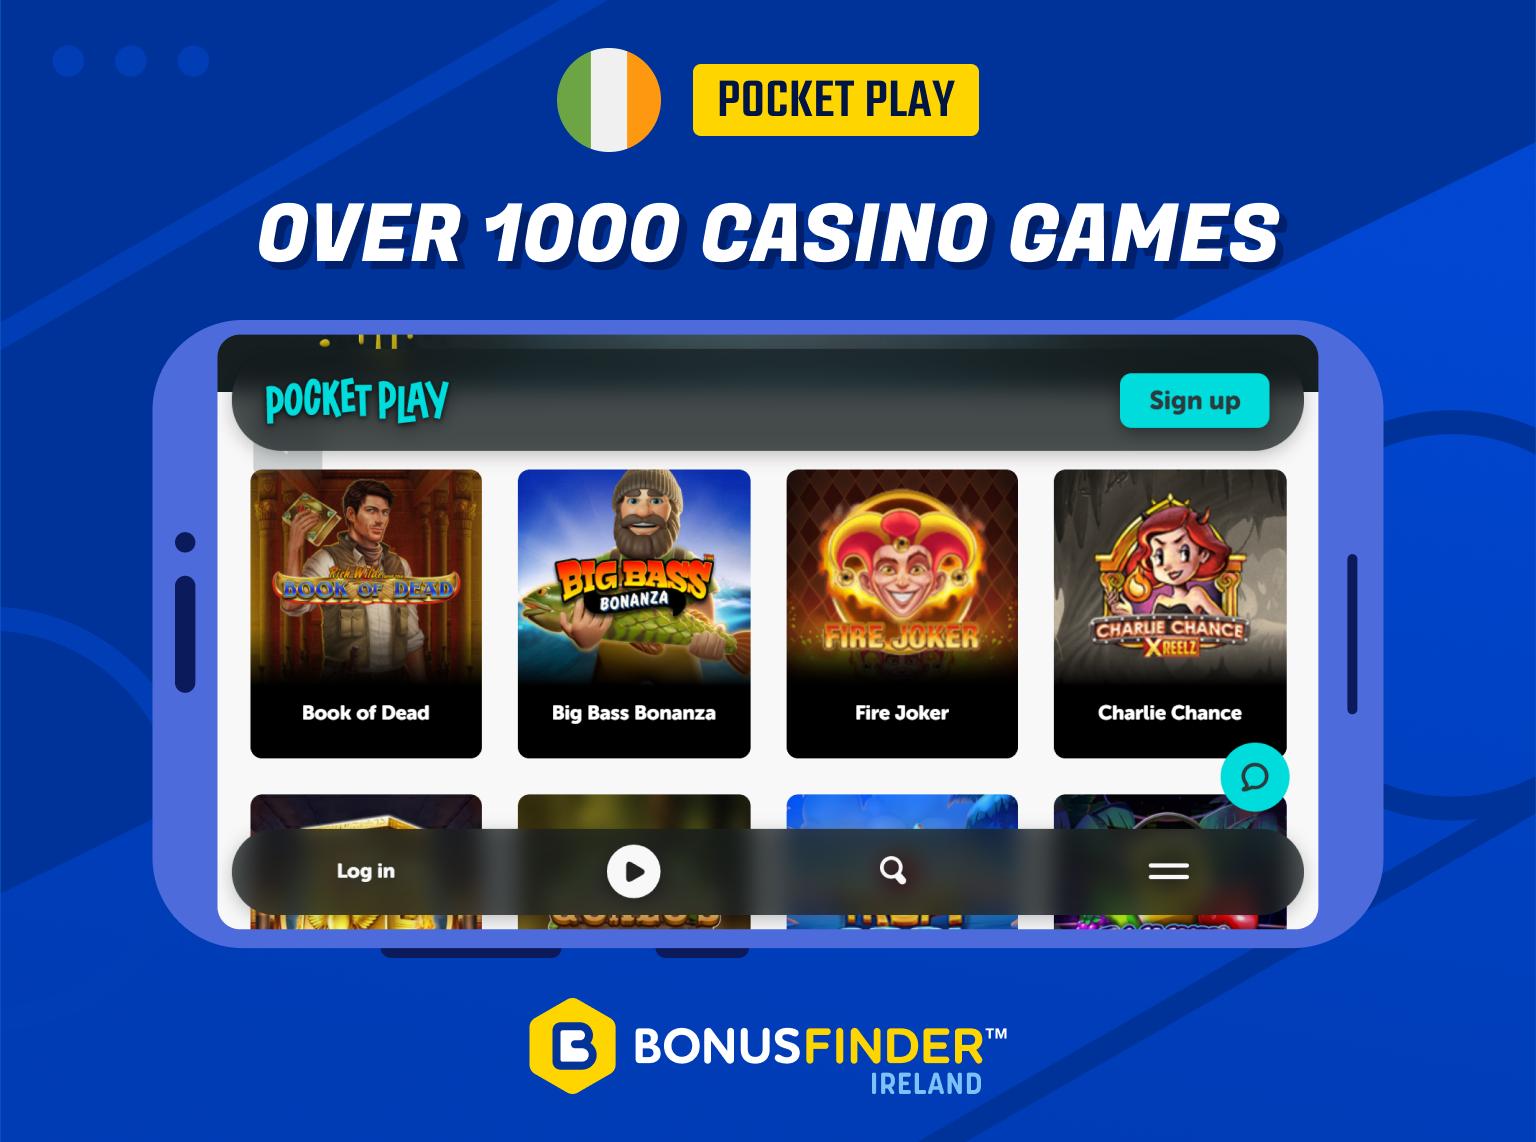 pocketplay casino ireland